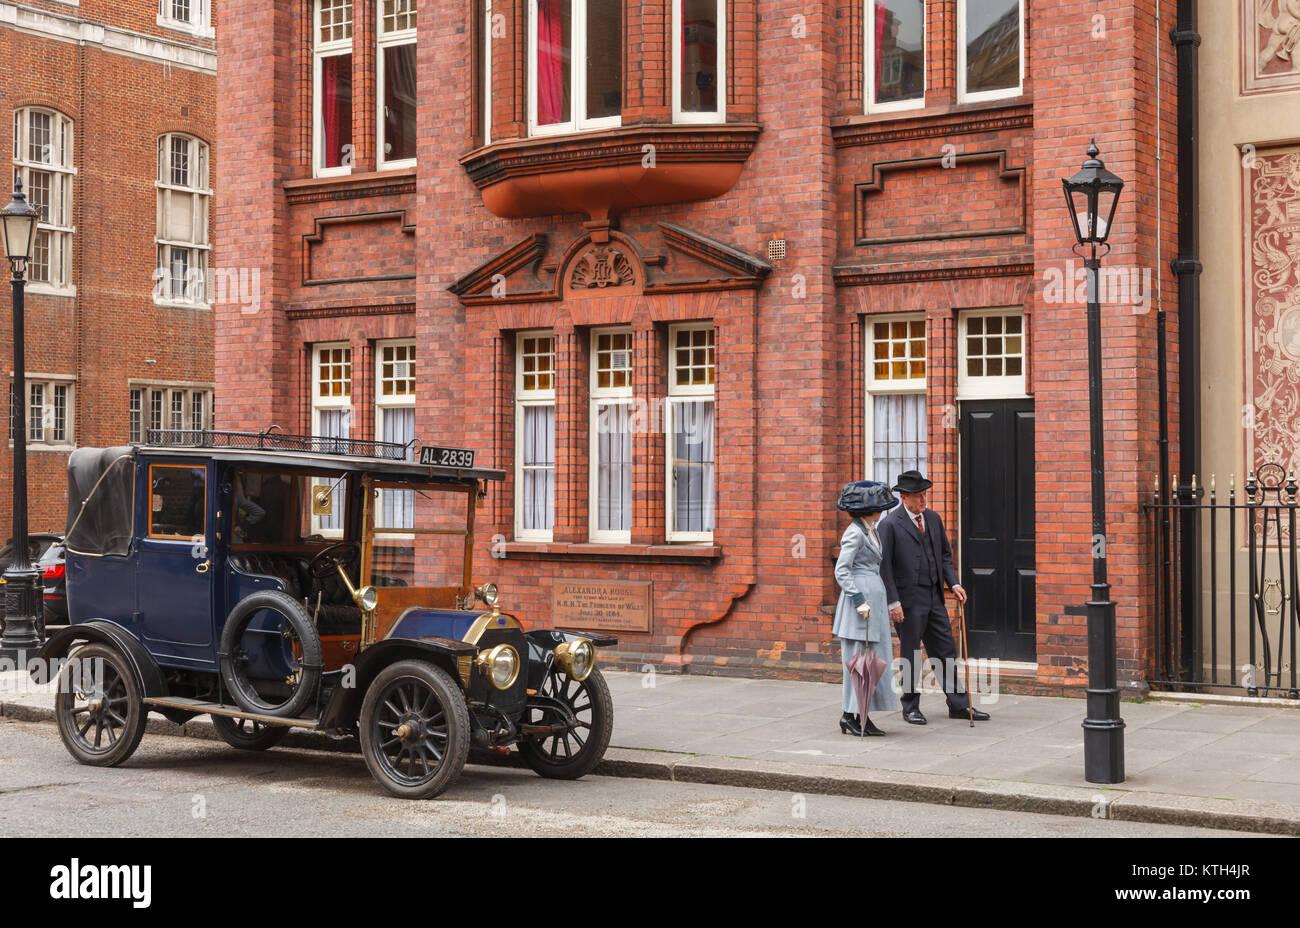 LONDON, UK, 17. JUNI 2013: retro Film Szene mit Oldtimer Auto und Paar auf einer Straße Stockbild